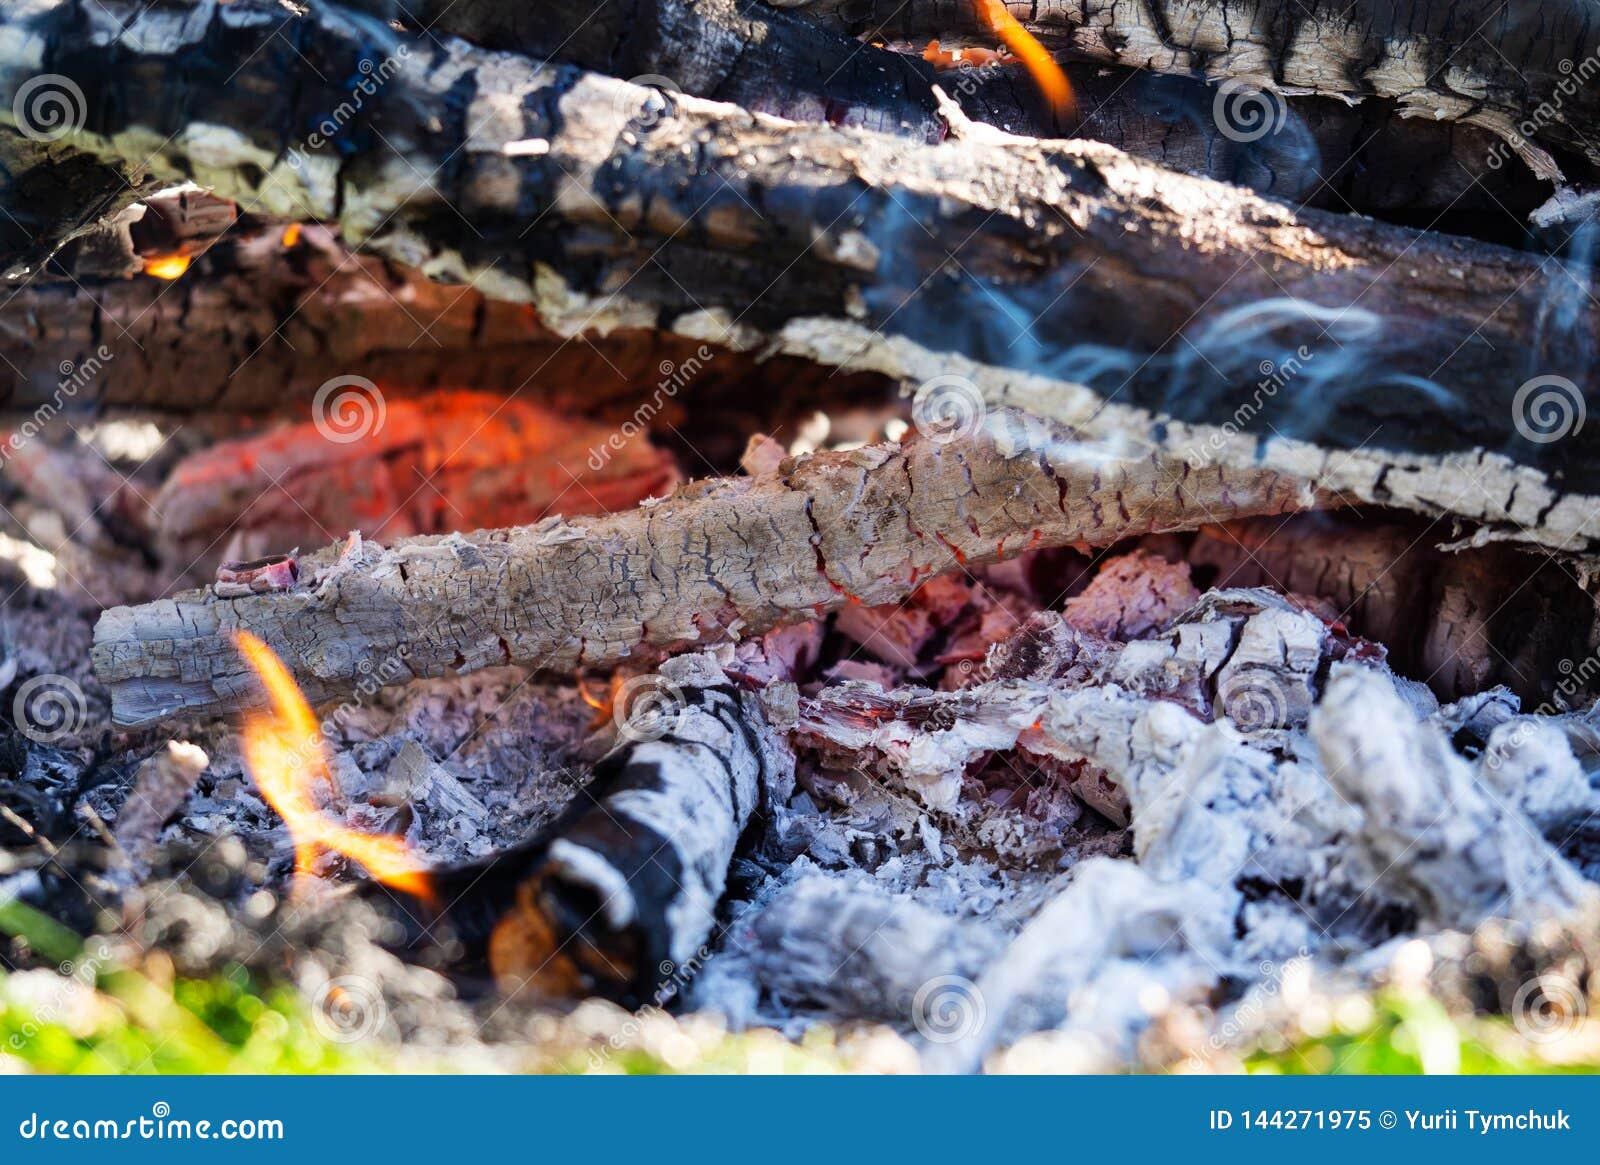 Hintergrund des Kamins mit dem Mit Handschuhen bekleiden der Glut Schließen Sie herauf Ansicht über schwelend Feuer Glut, die mit